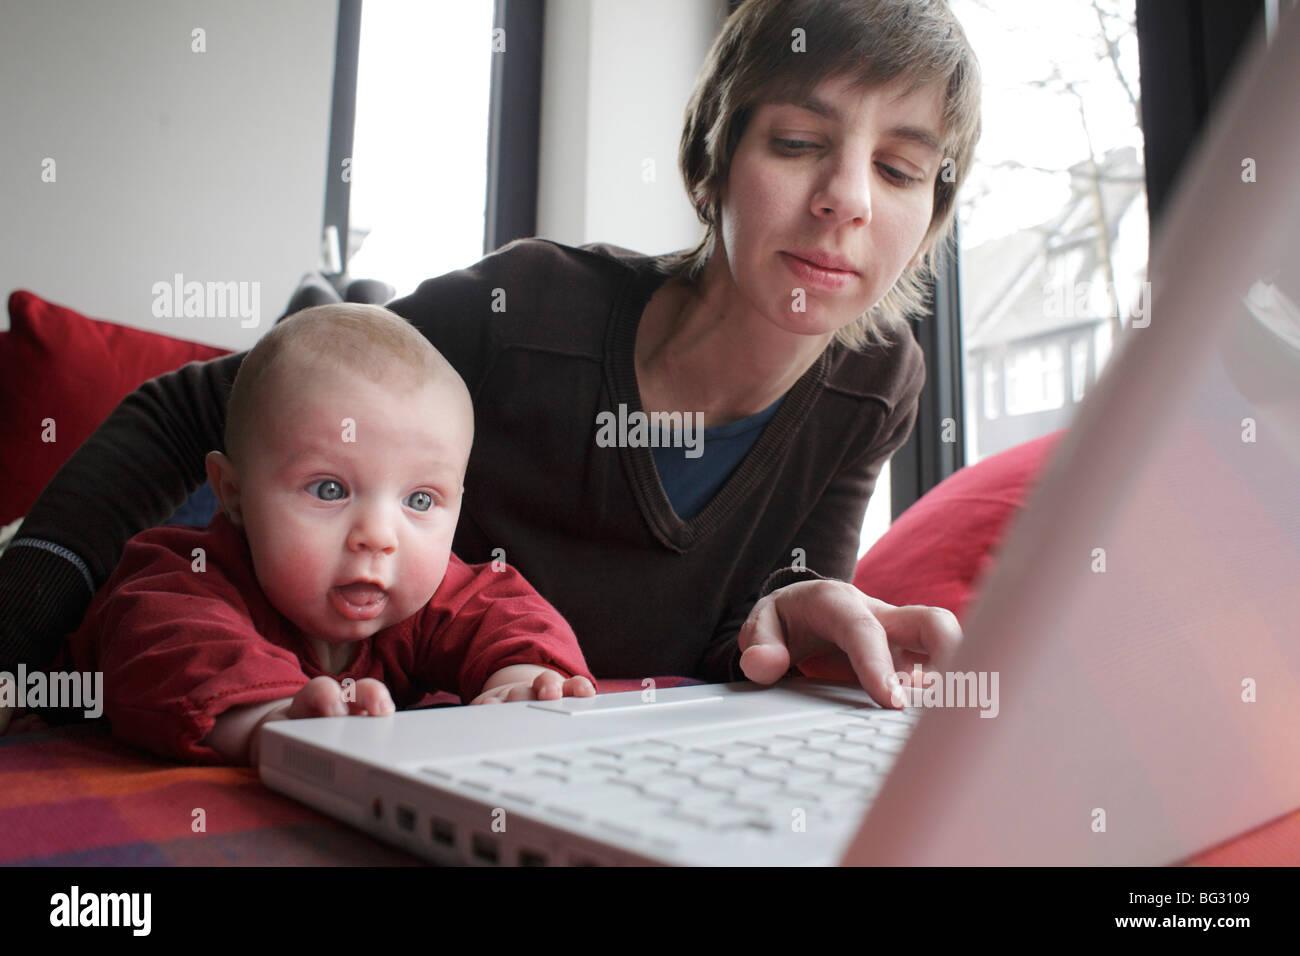 La mère et l'enfant le travail sur un ordinateur portable Banque D'Images